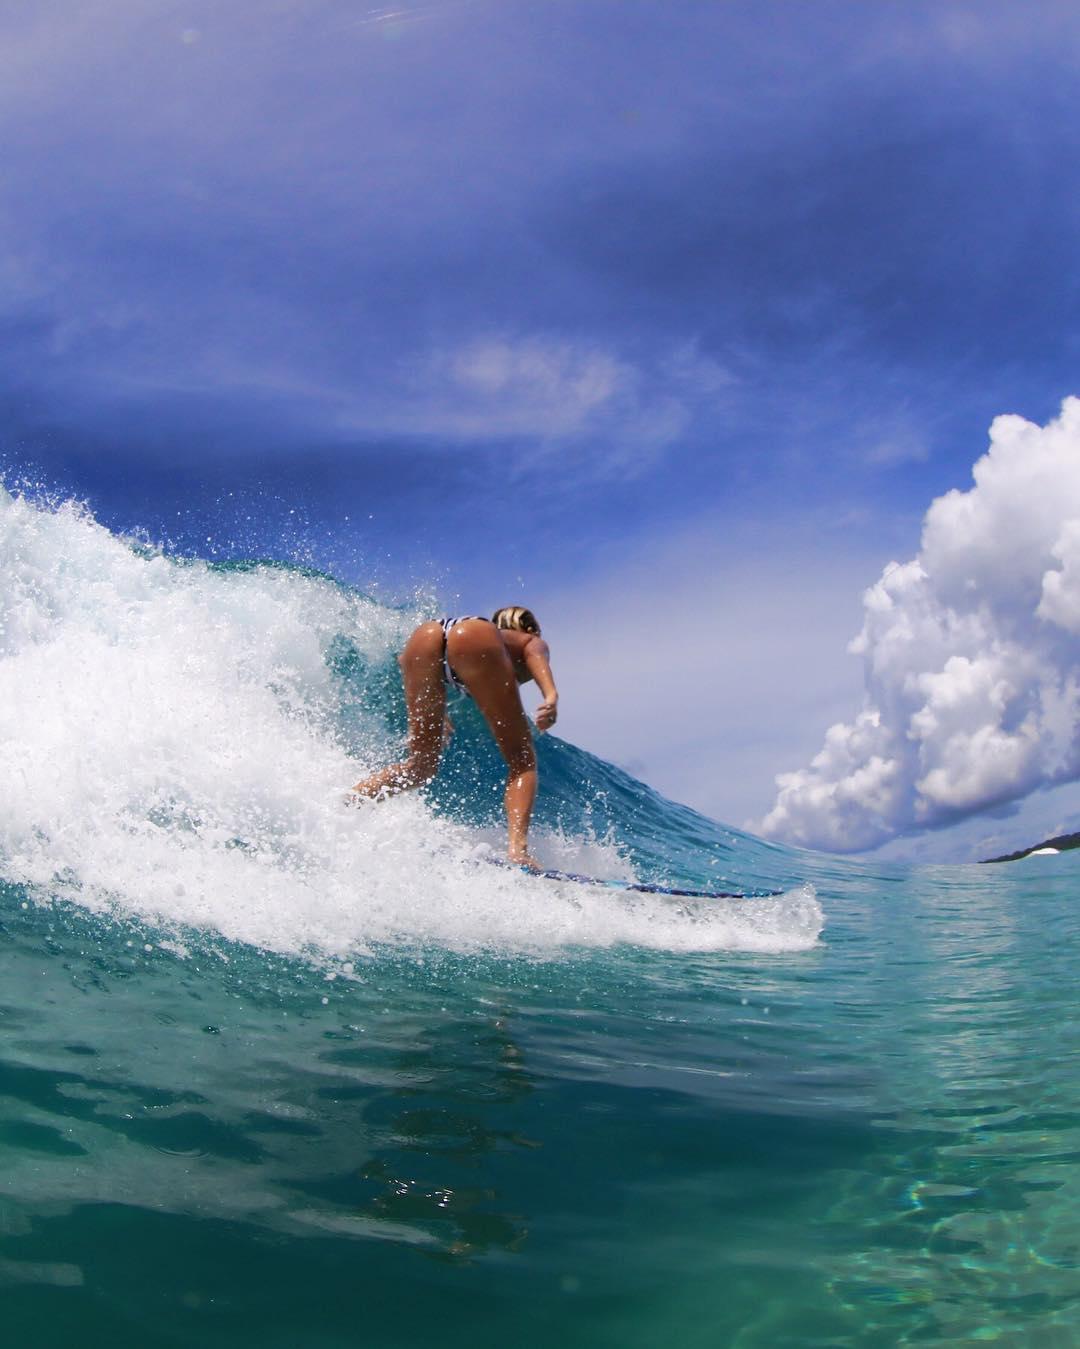 Сестры-серфингистки покорили сеть снимками в бикини